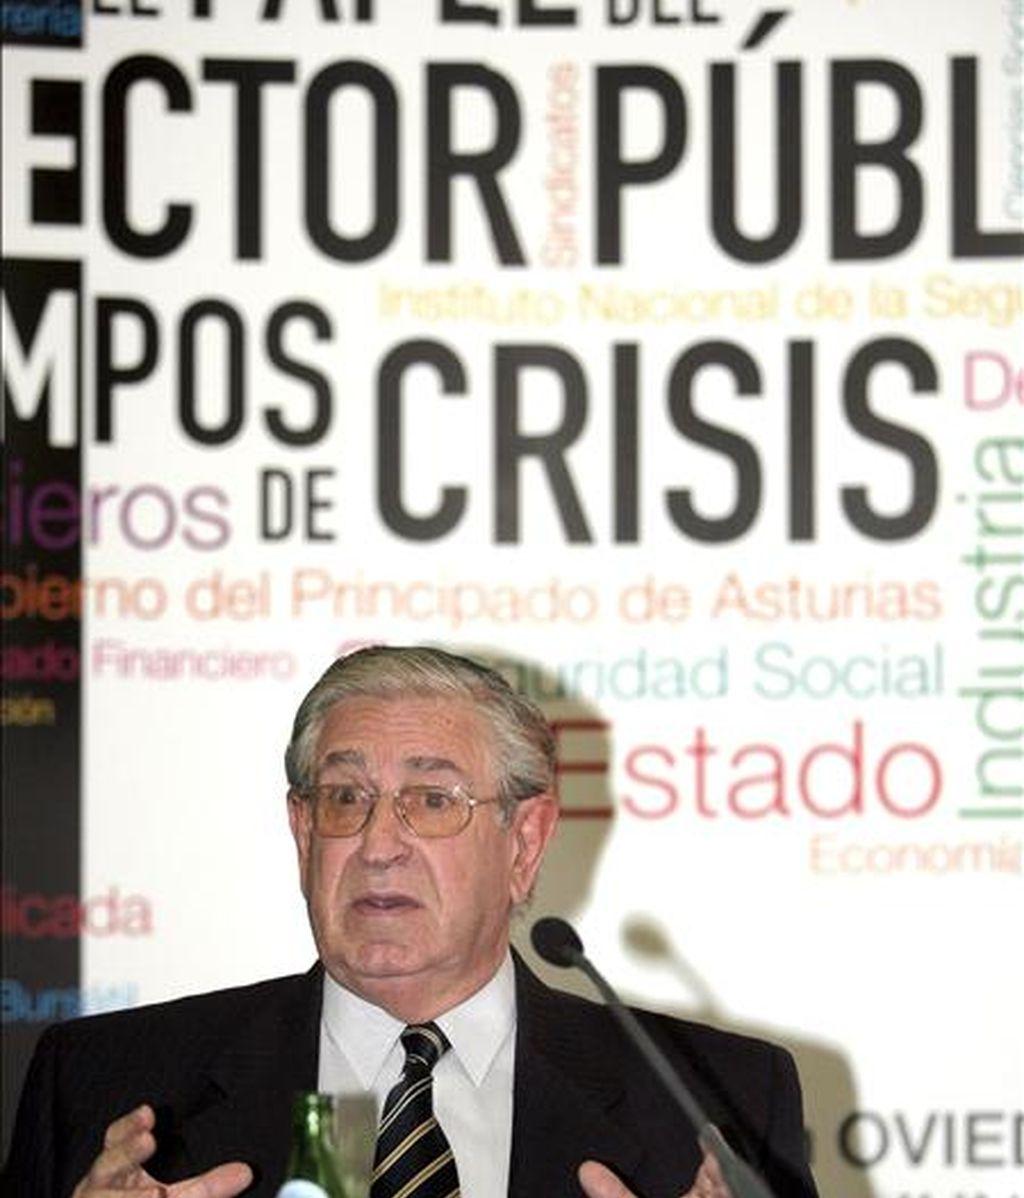 El director general de la Fundación de las Cajas de Ahorros (FUNCAS), Victorio Valle Sánchez. EFE/Archivo